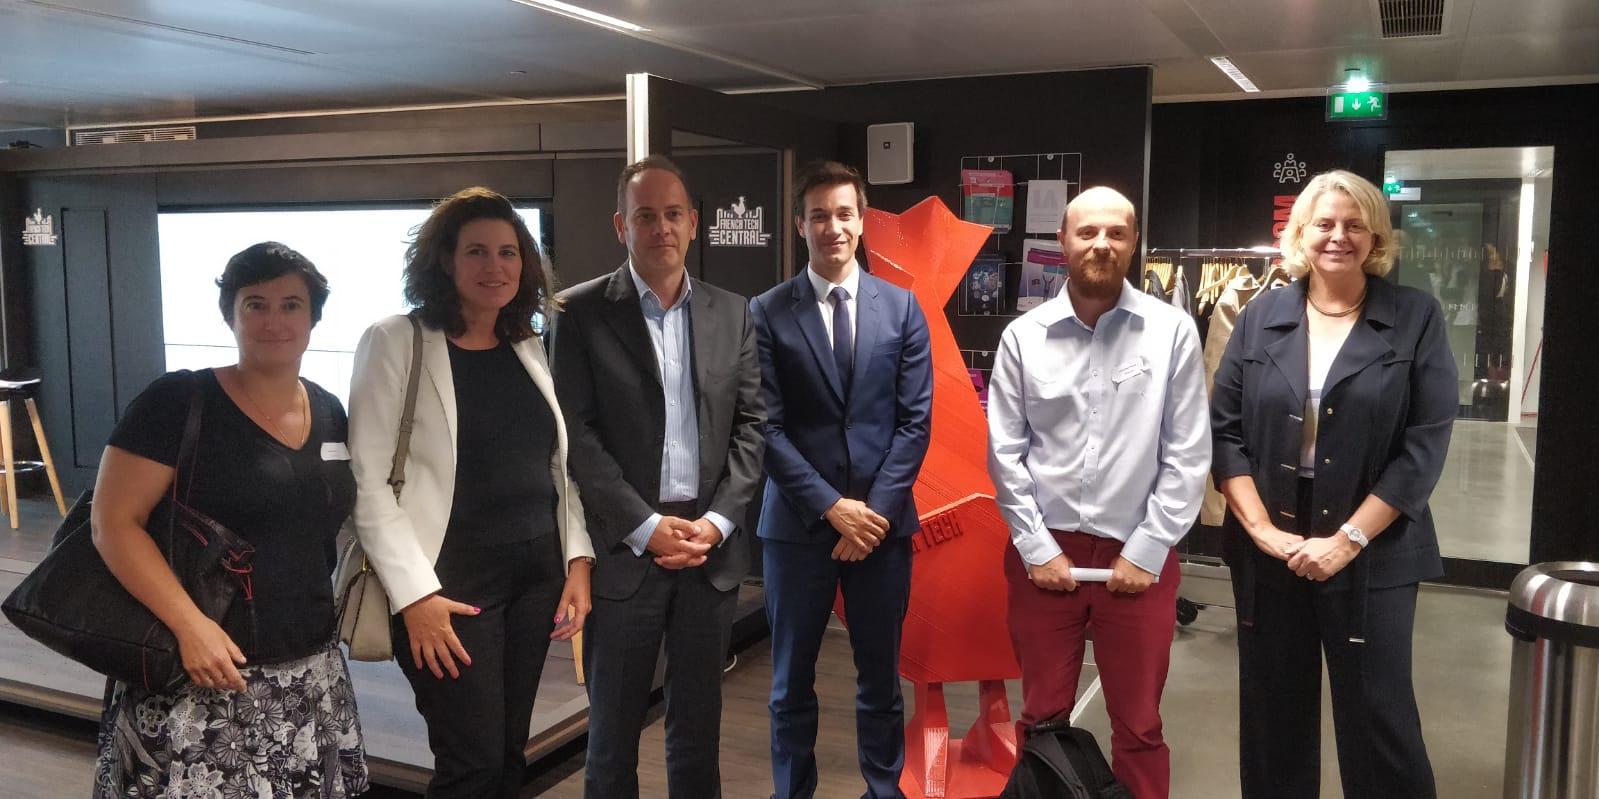 De gauche à droite : Nadia FILALI (Lab Blockchain CDC), Maître Arnaud GRÛNTHALER (Avocat d'ARK ECOSYSTEM), Pierre PERSON (Député de Paris, rapporteur de la commission crypto-monnaies), François-Xavier THOORENS ( Président et CTO d'ARK ECOSYTEM) et Anne MARÉCHAL (Directrice des affaires juridiques de l'AMF)